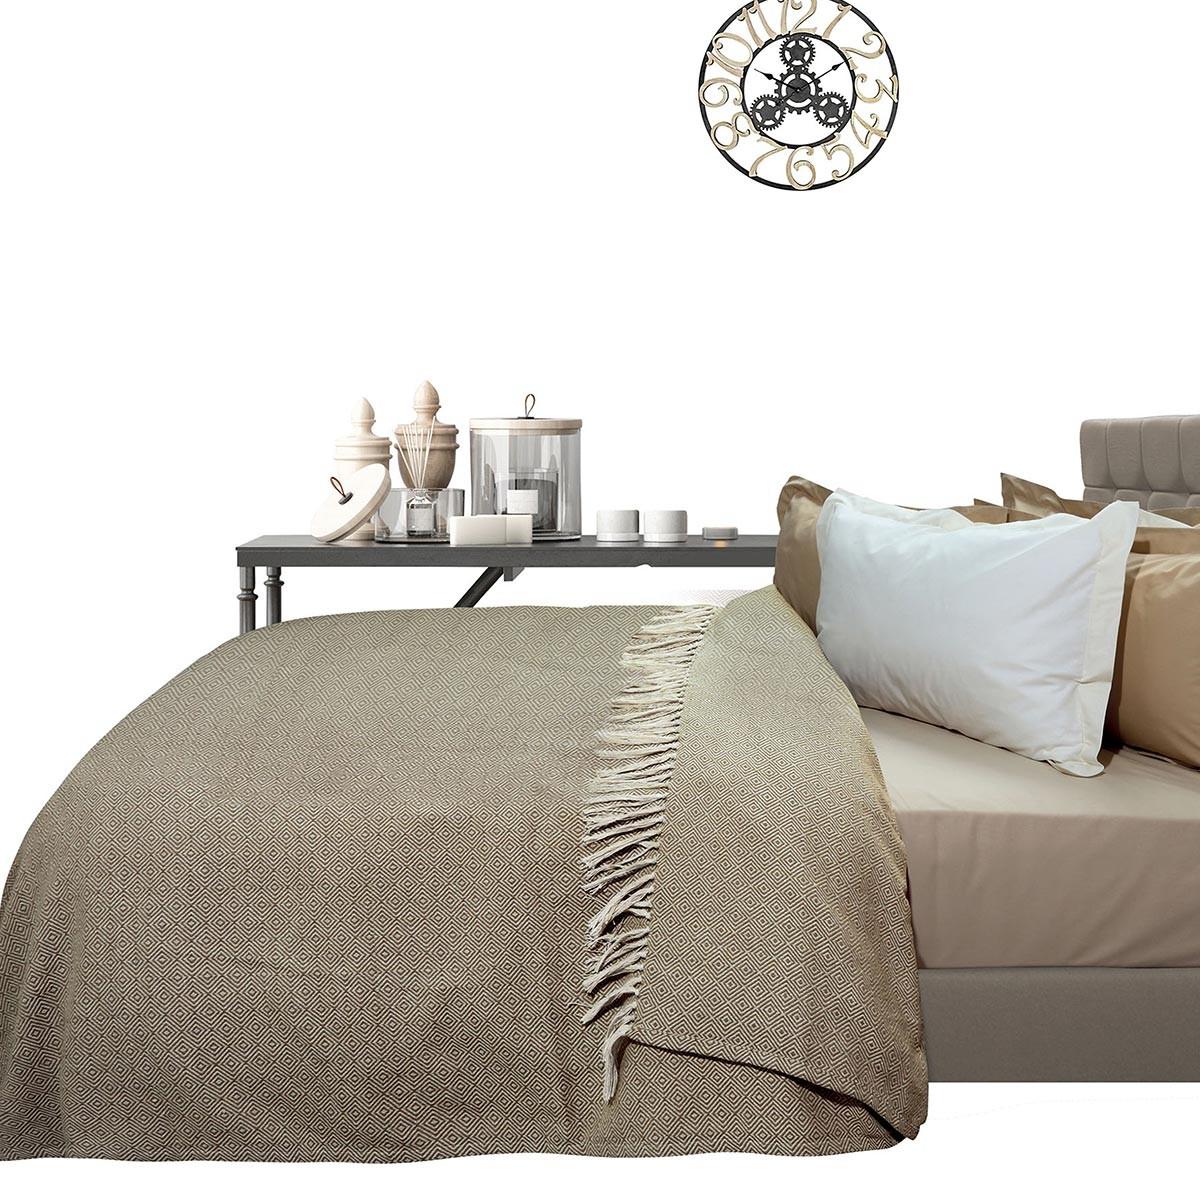 Κουβερτόριο Υπέρδιπλο Das Home Blanket Line Jacquard 383